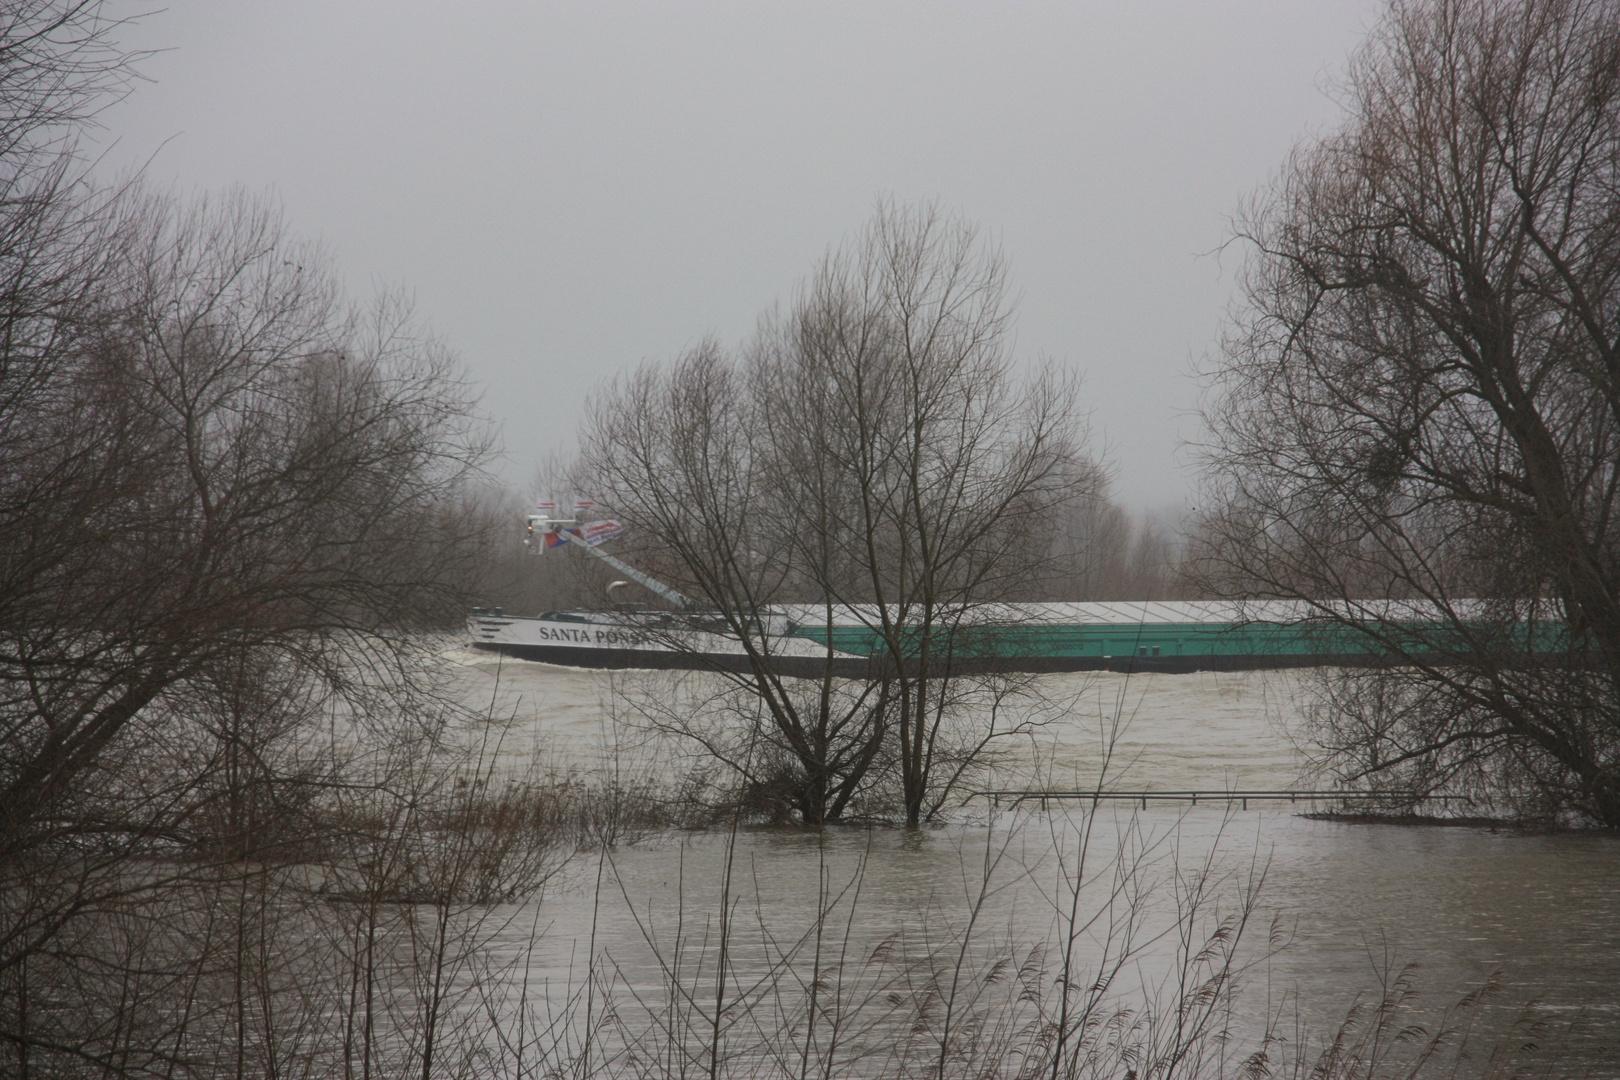 Hochwasser am Rhein 1 ... 4.2.13